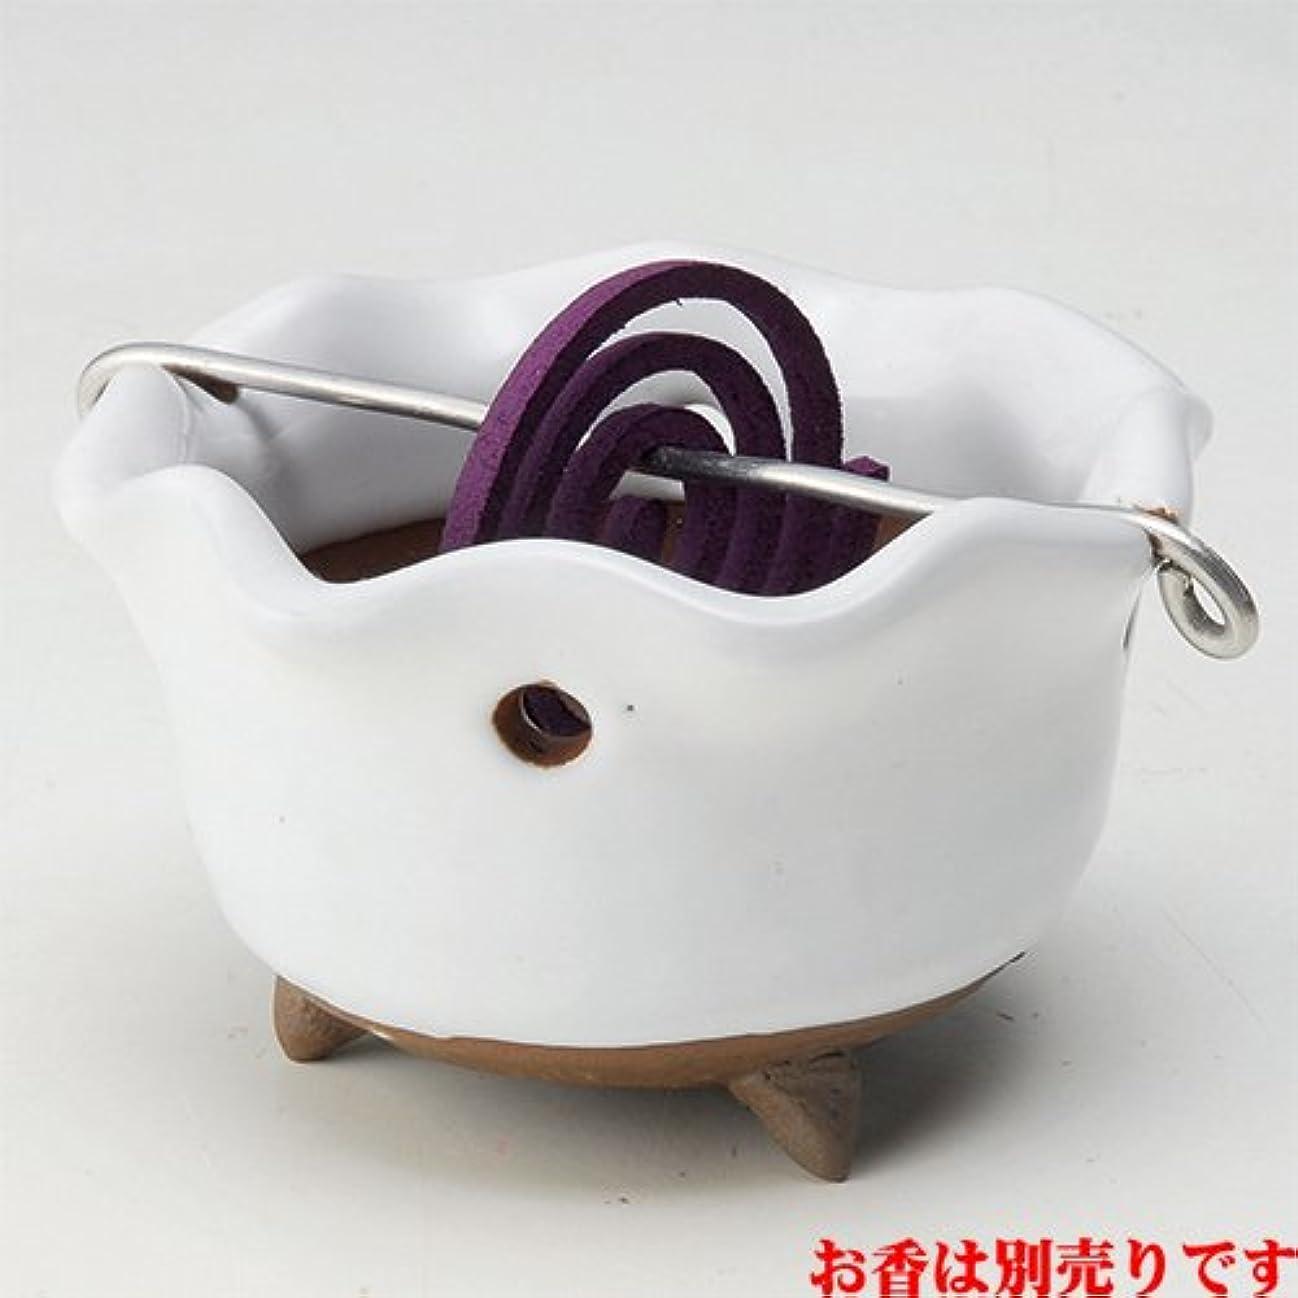 頑固なパラダイス奴隷香皿 白志野 花型 香鉢 [R8.5xH5.3cm] HANDMADE プレゼント ギフト 和食器 かわいい インテリア